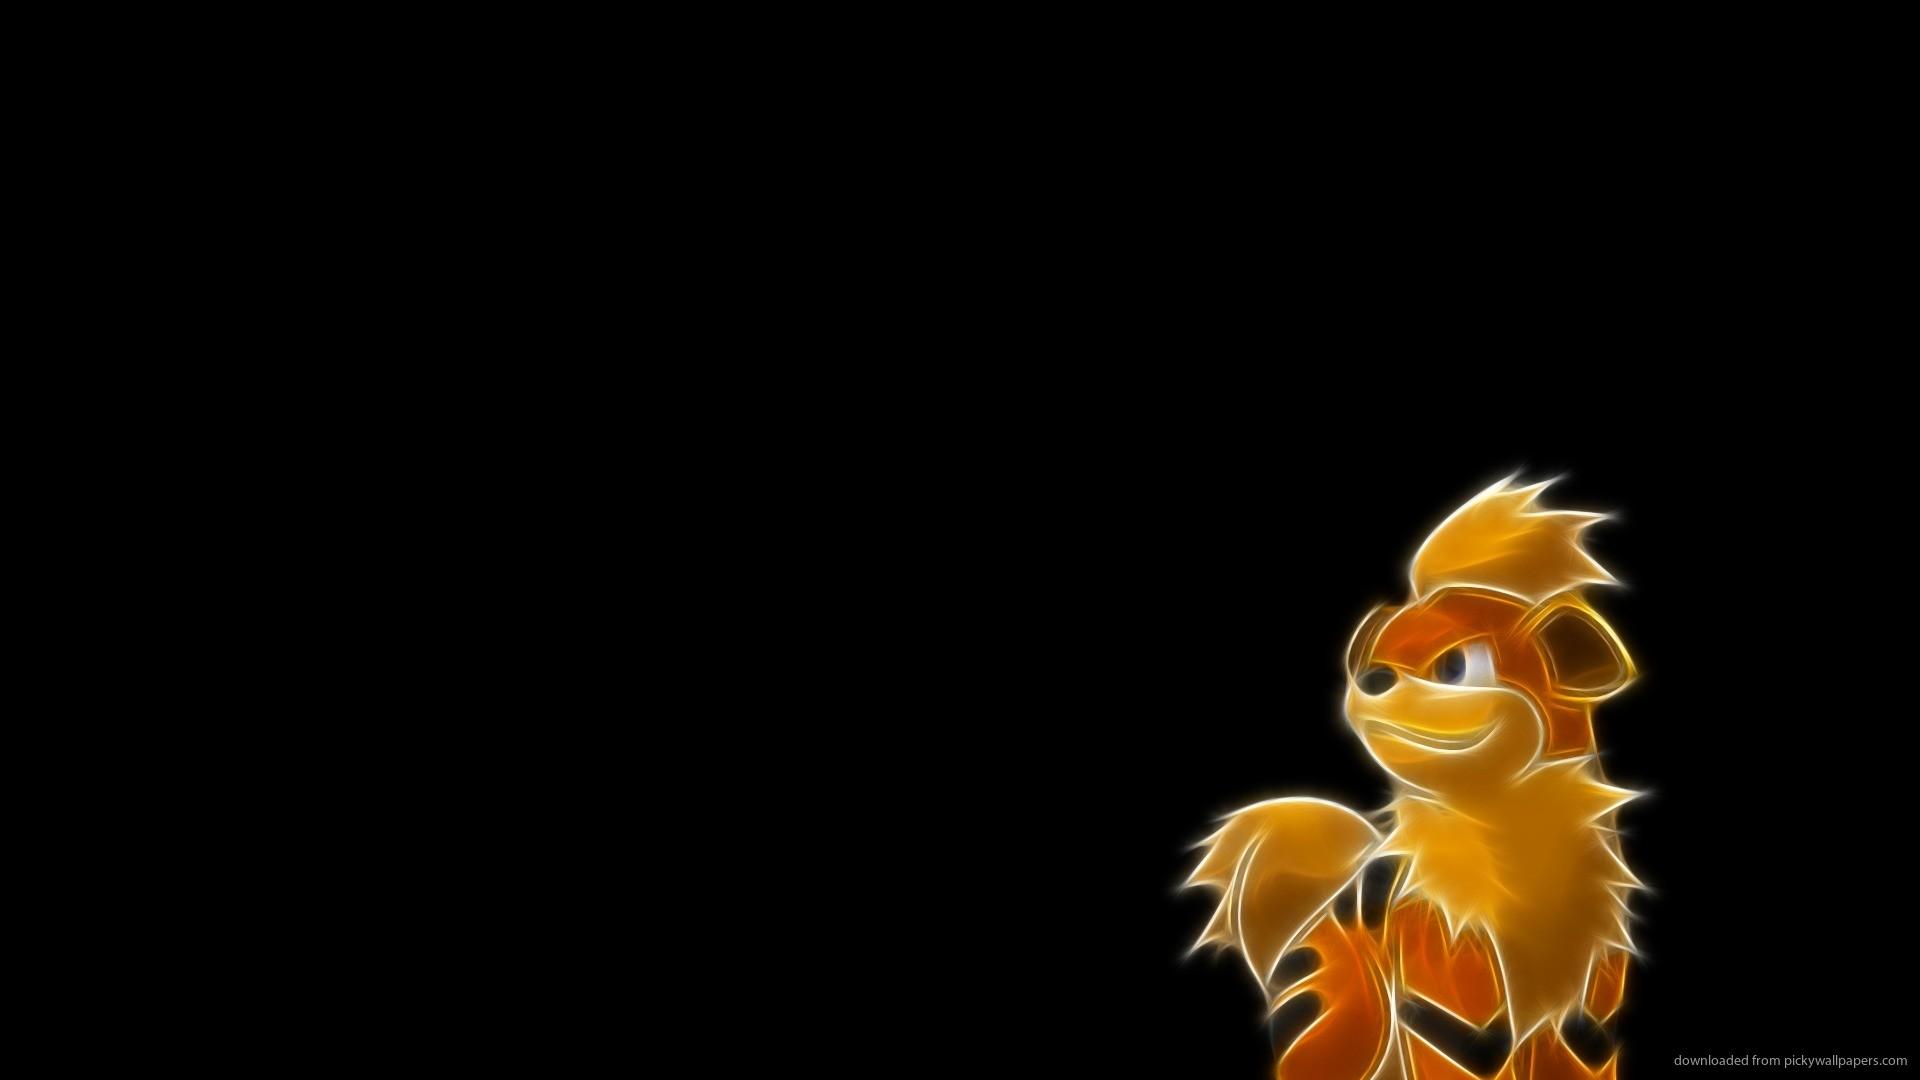 Growlithe Pokemon Wallpaper for 1920×1080